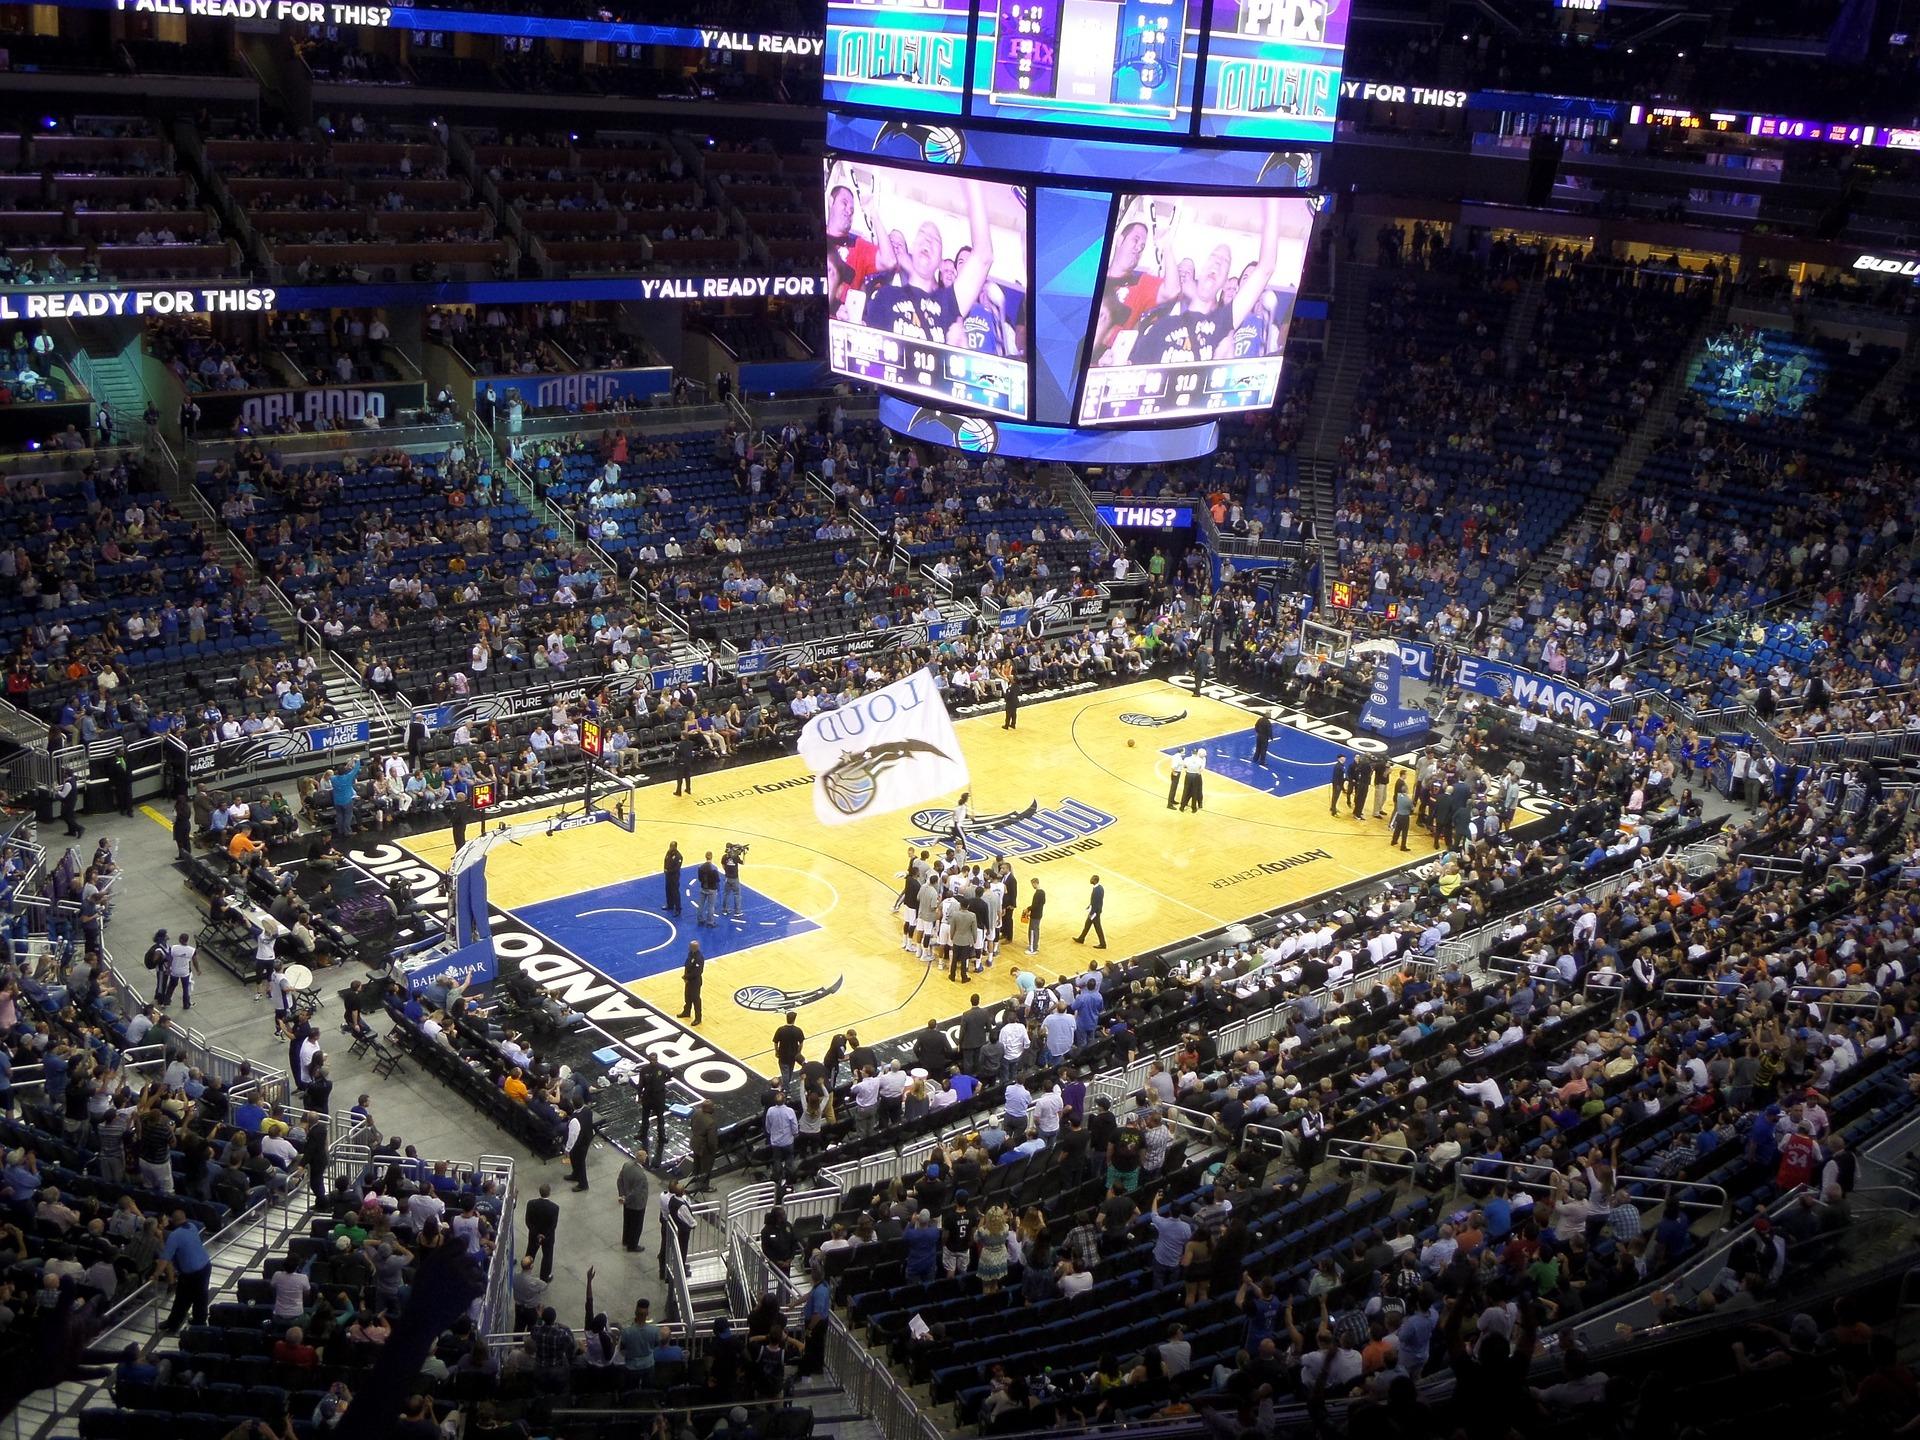 Städtereise nach Orlando - NBA gucken im Stadion der Basketeballmannschaft Orlando Magic - NBA Spiel Orlando Ticket